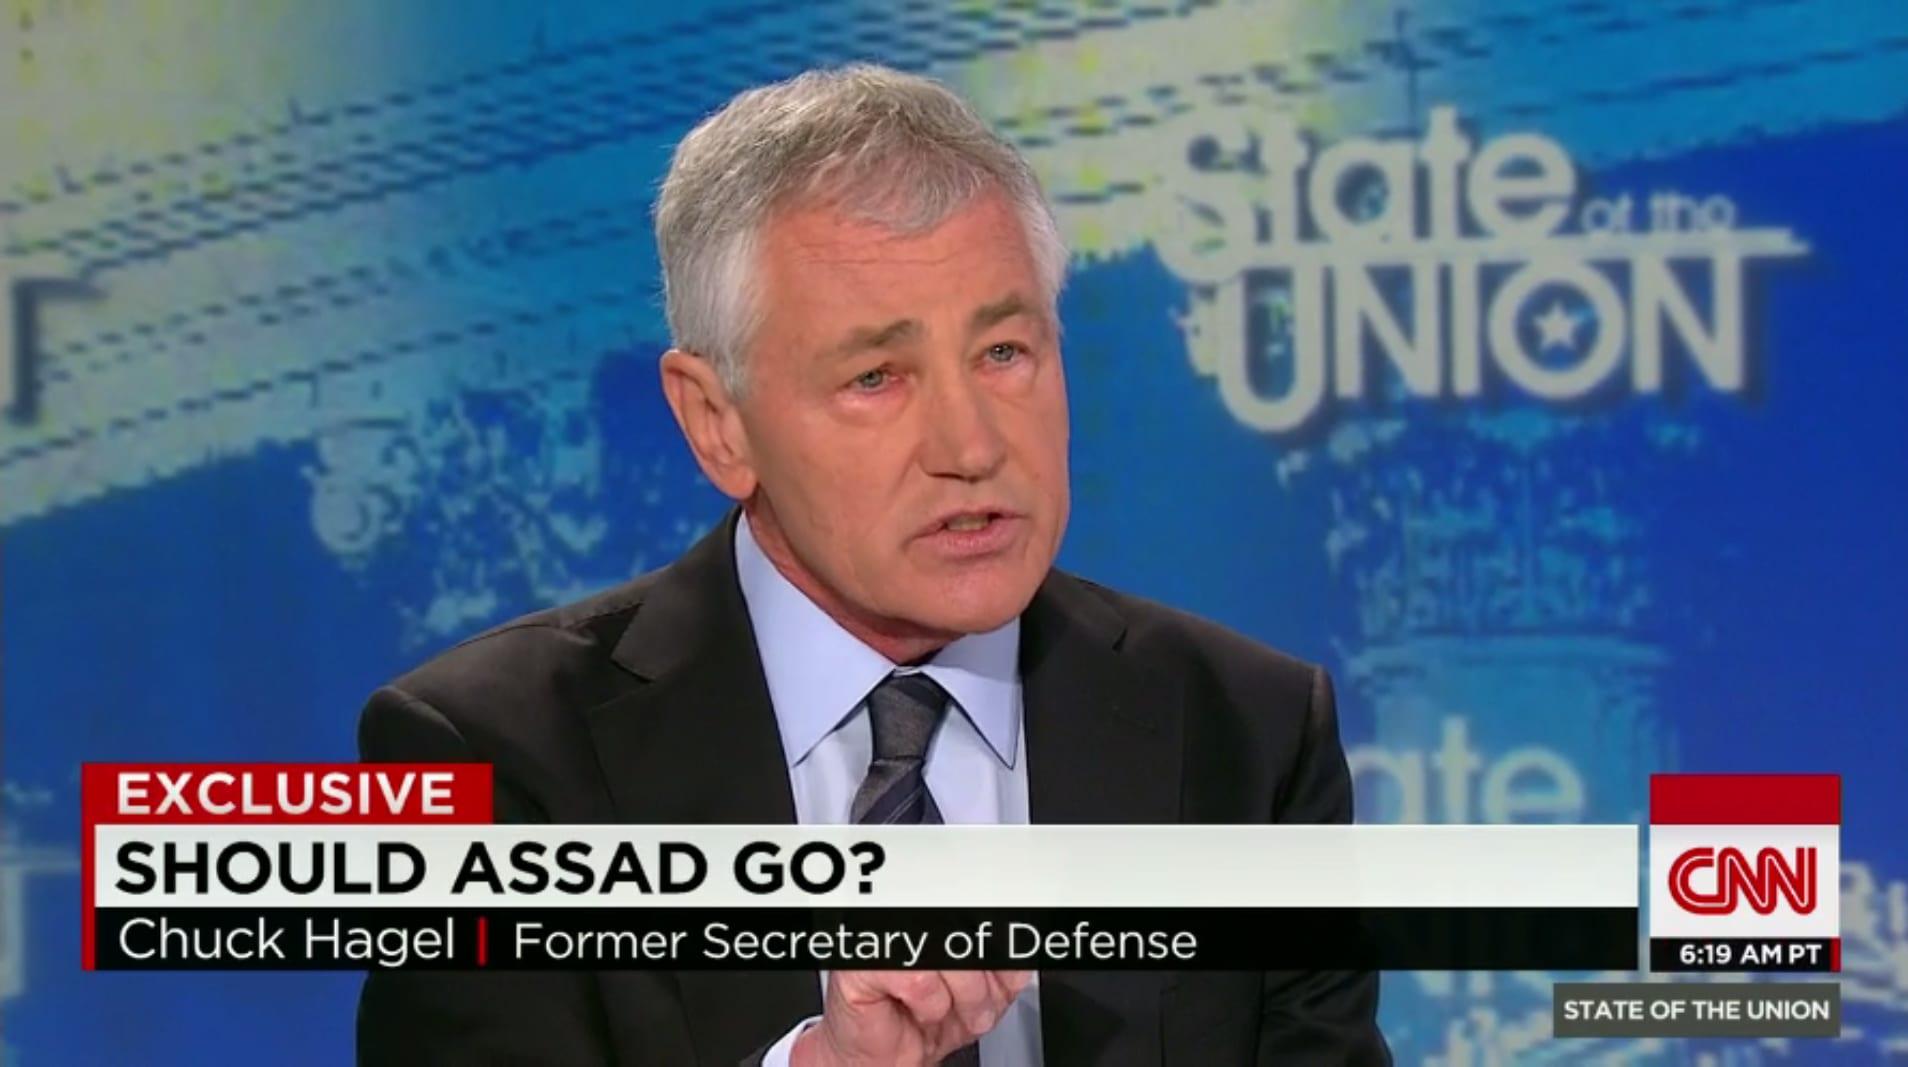 """وزير الدفاع الأمريكي السابق: يجب على أمريكا التركيز على """" داعش"""" وليس الأسد"""